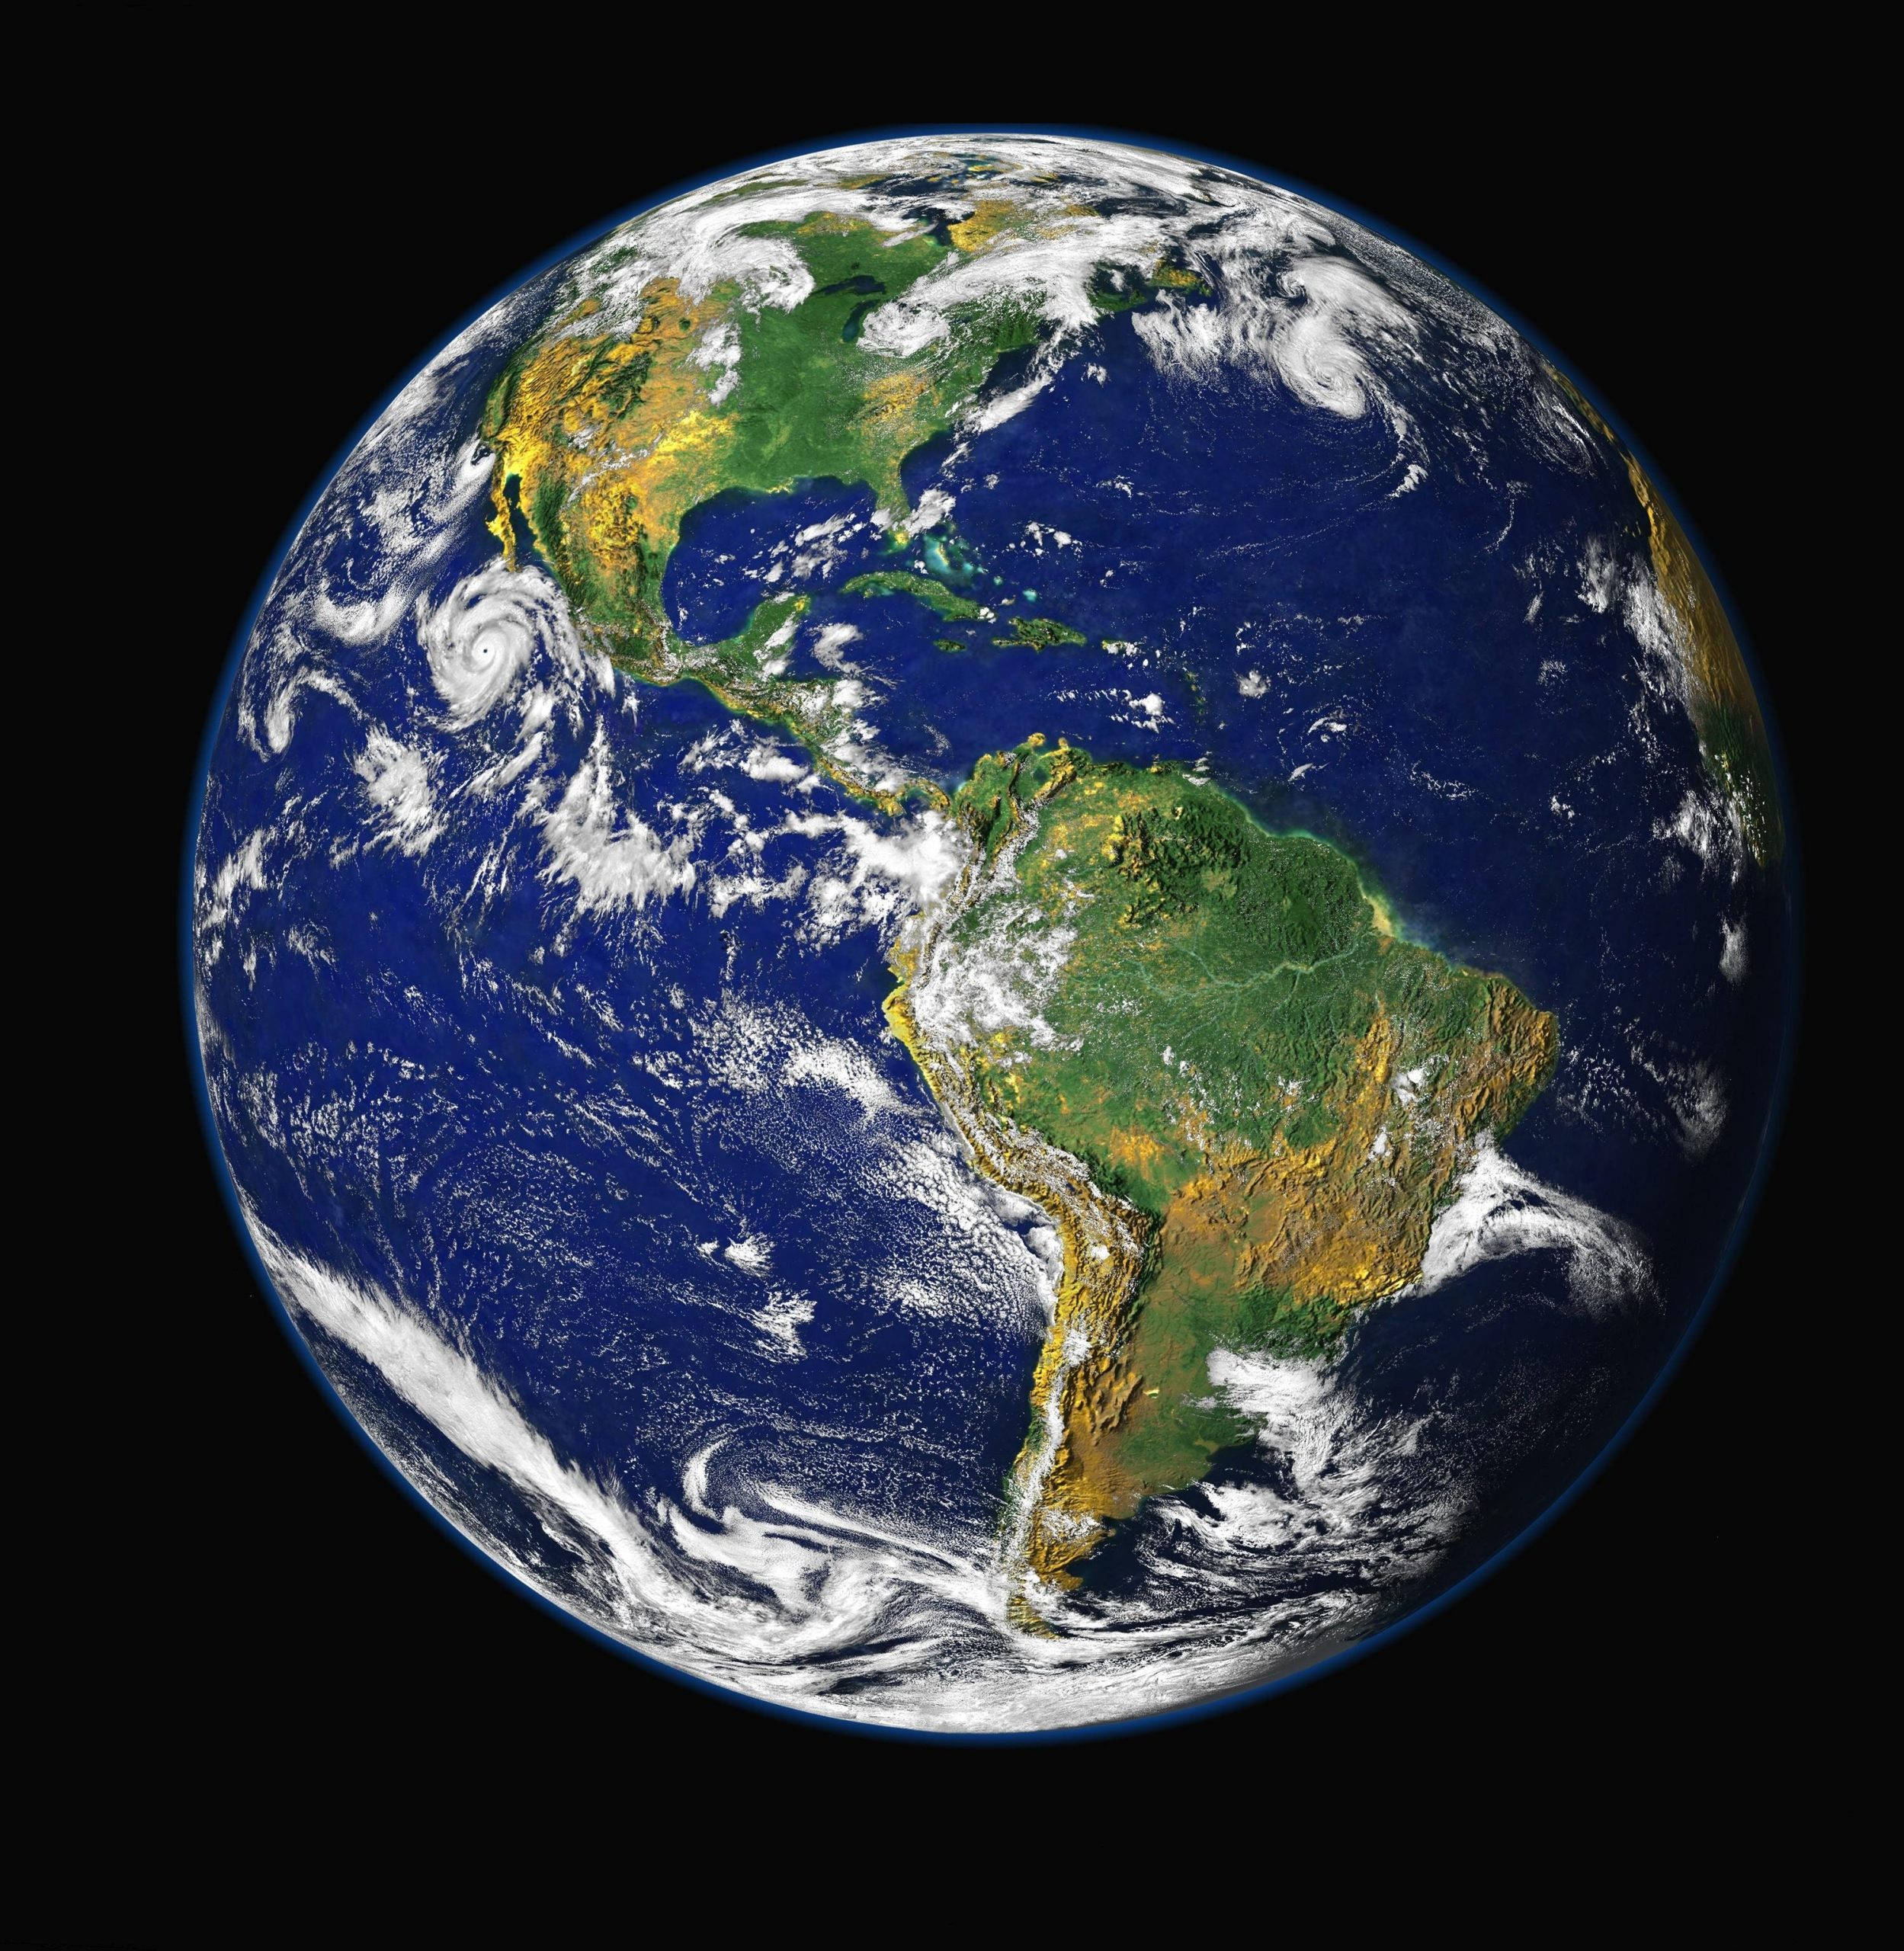 Energy Globe Award Open for Applications